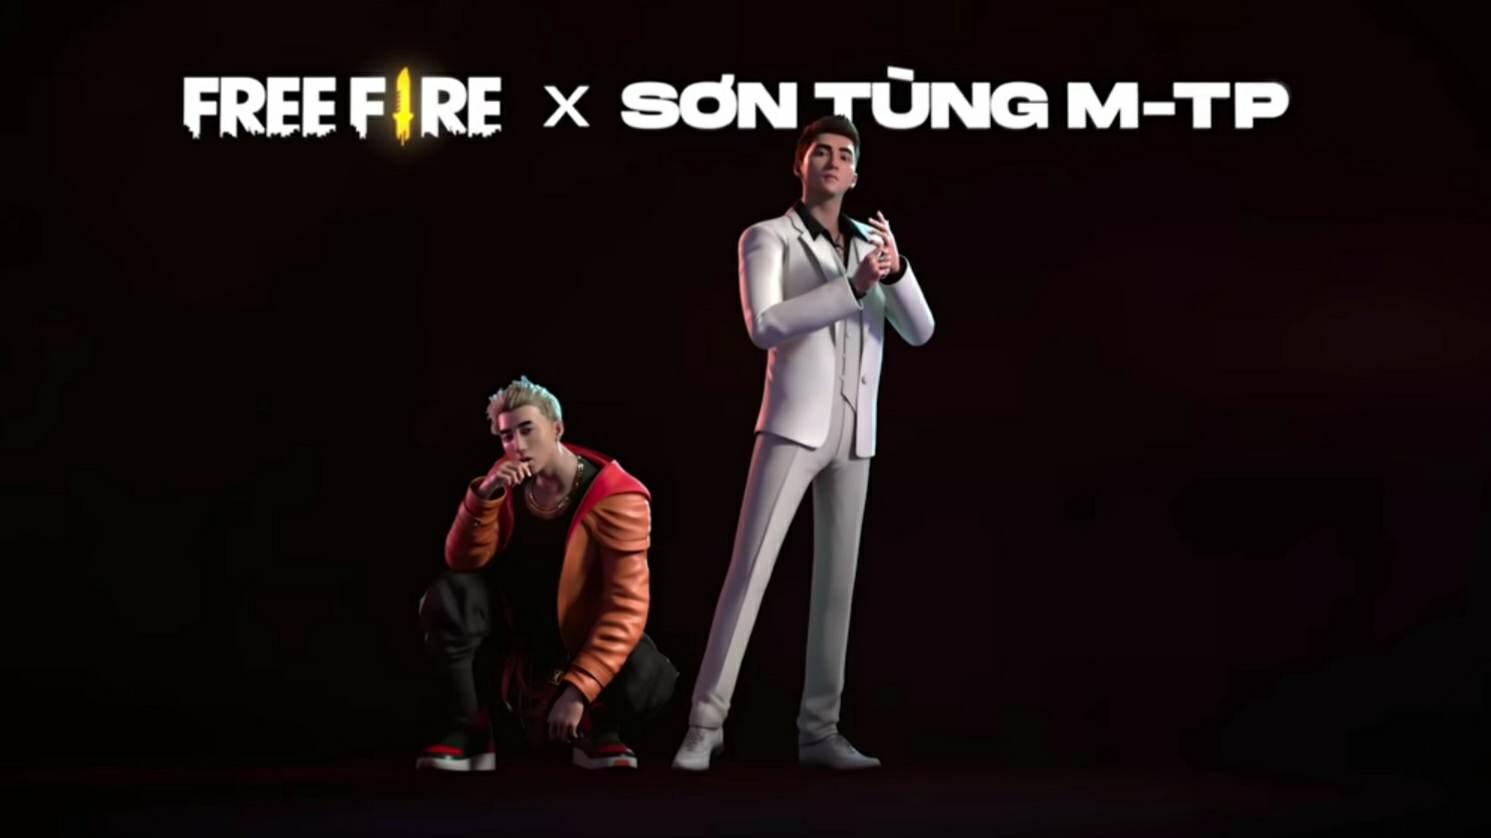 Who is Skyler in Free Fire